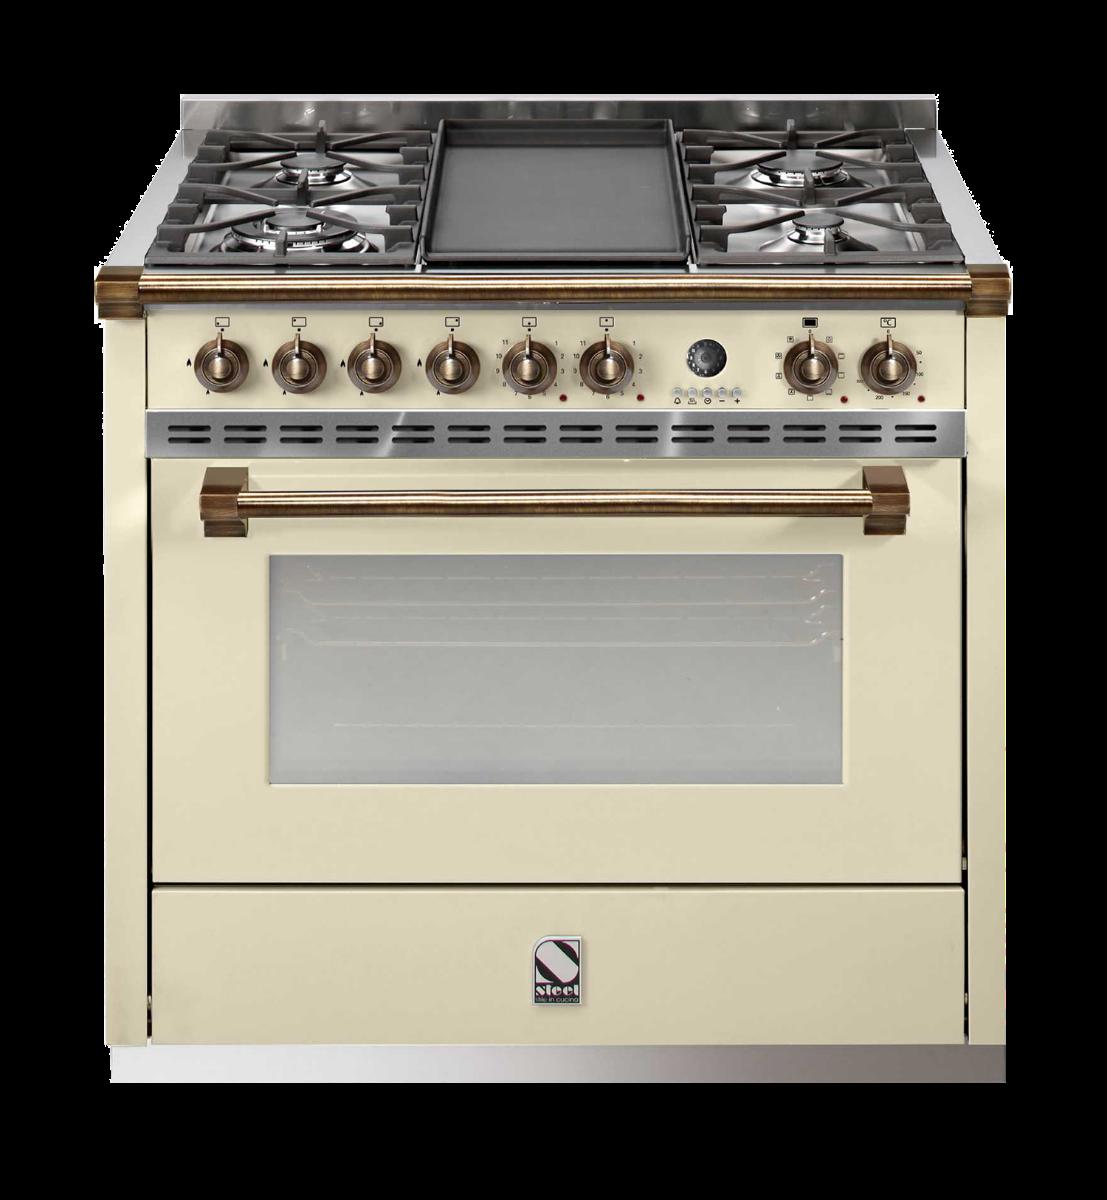 תנור בישול ואפיה משולב Steel דגם Ascot 90 A9F-6 BRONZE